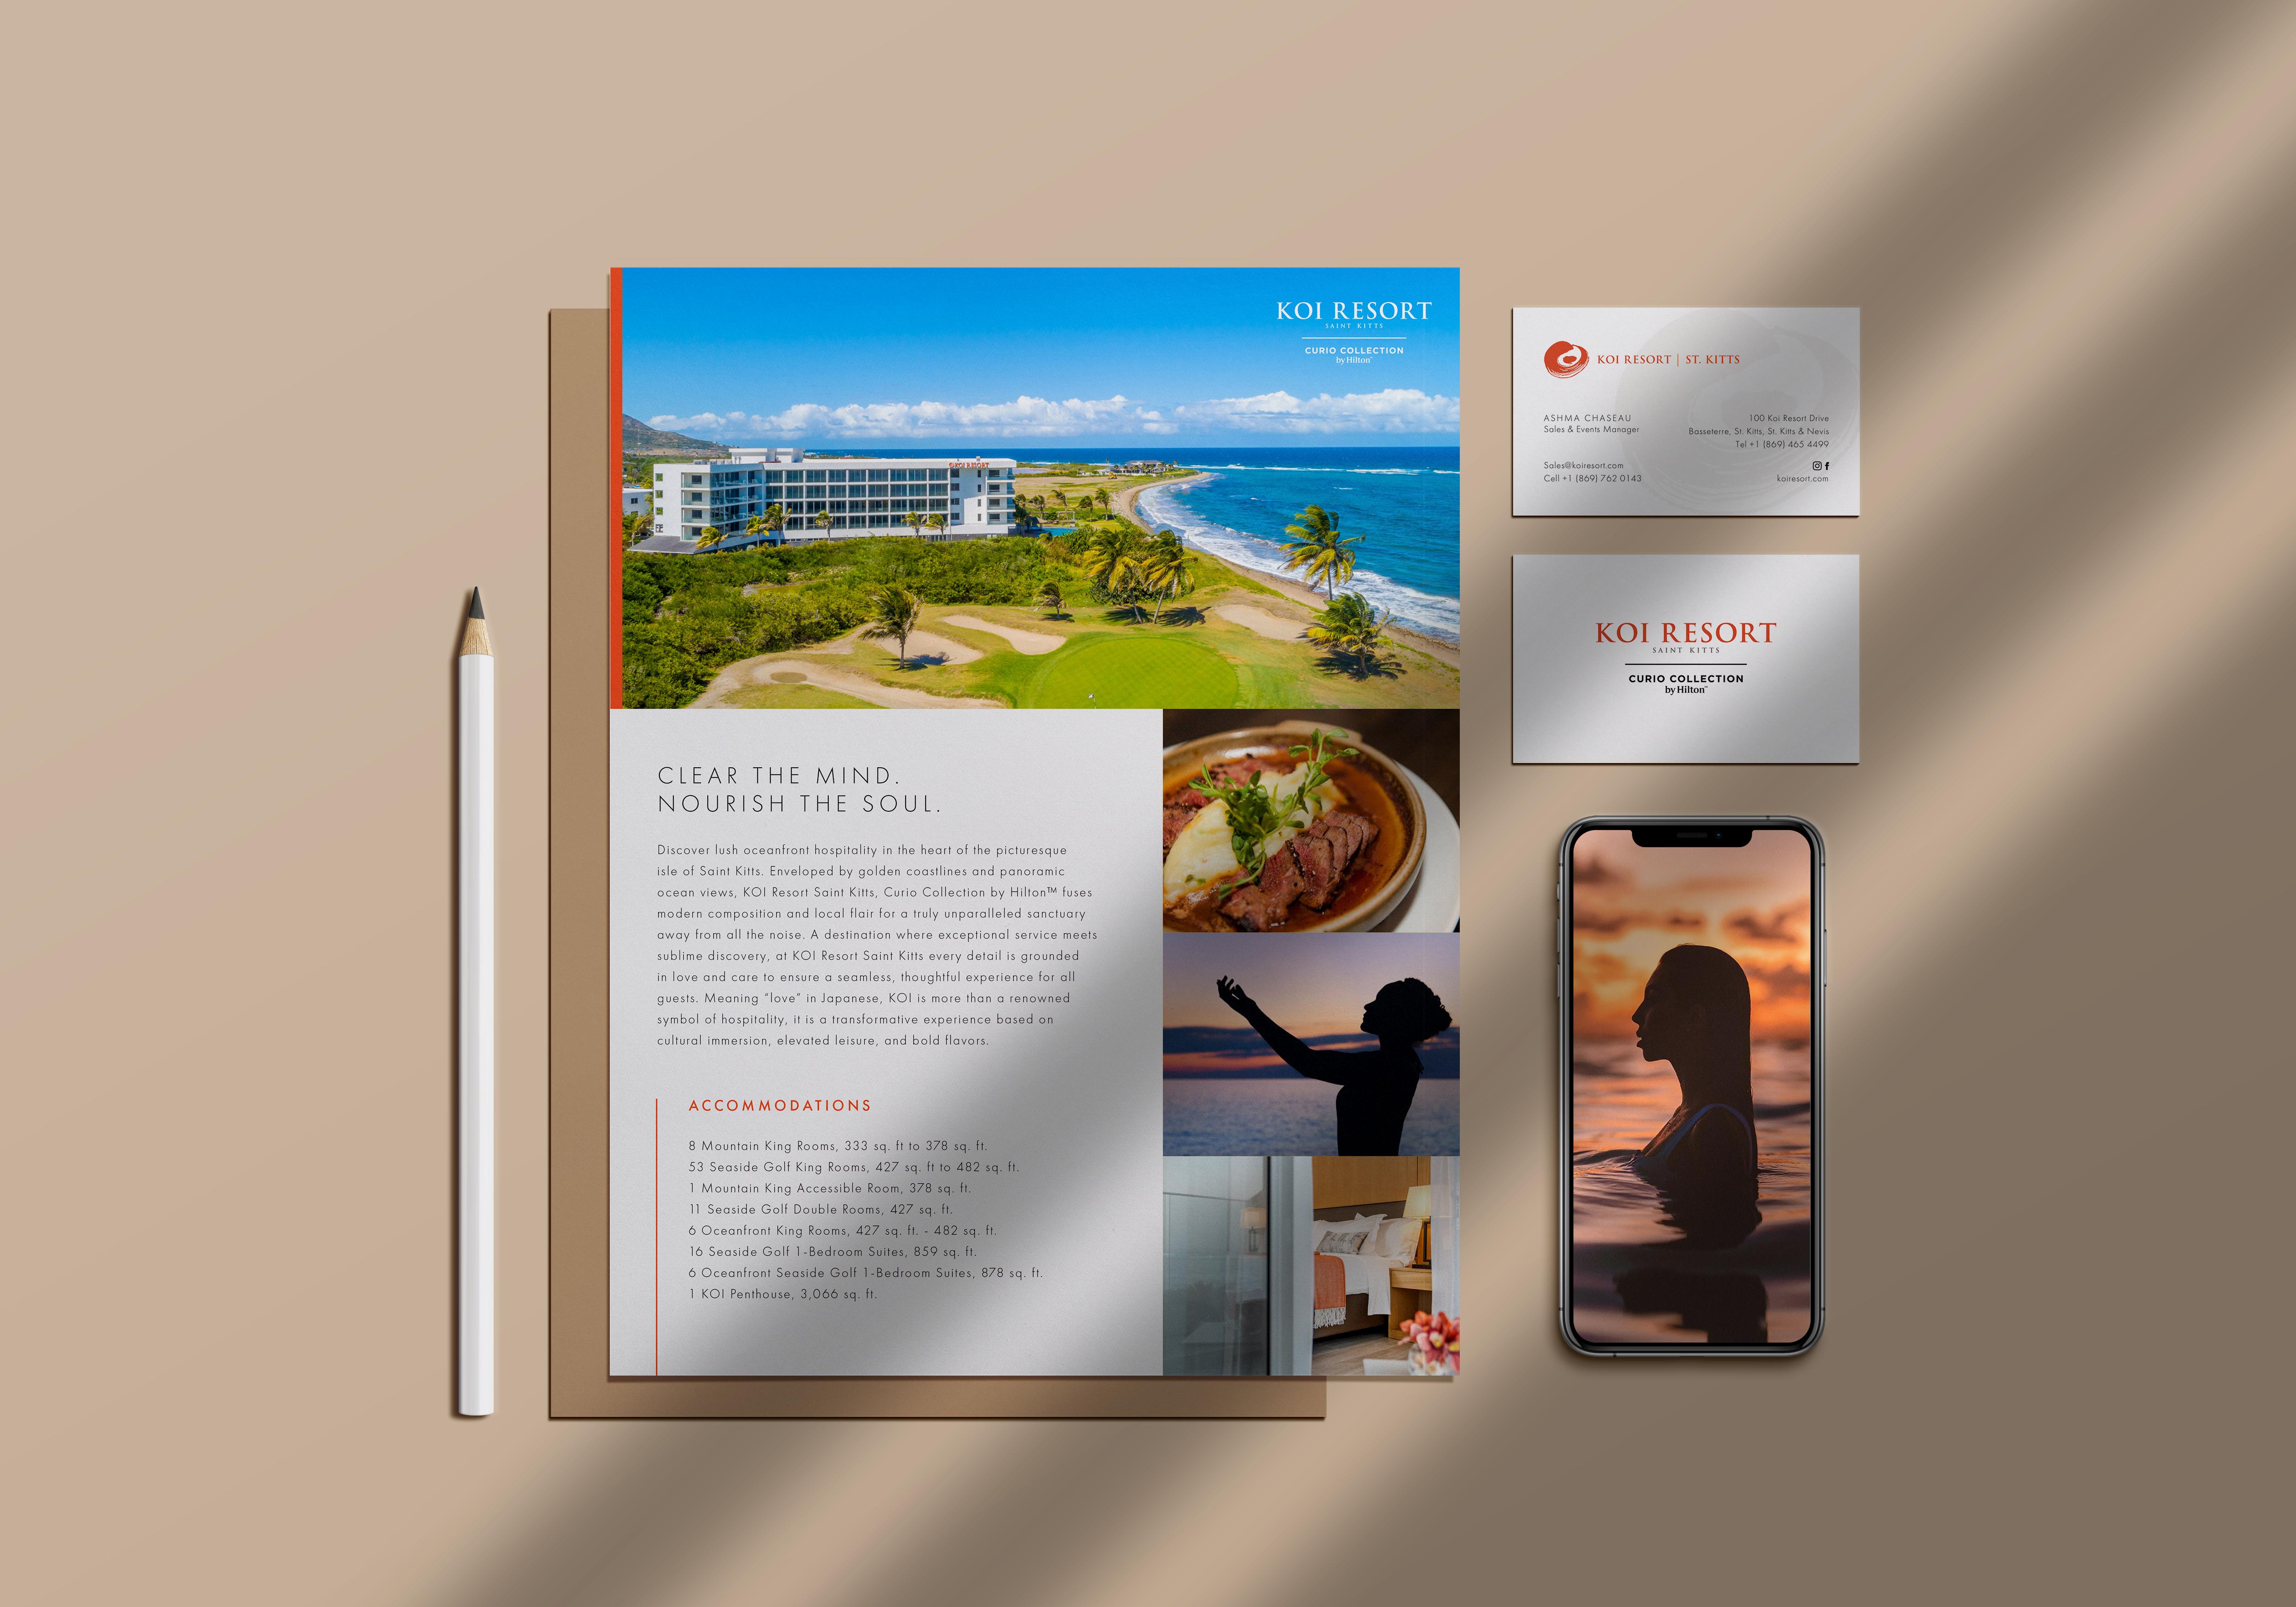 Koi Resort The-Brand-Collective-10